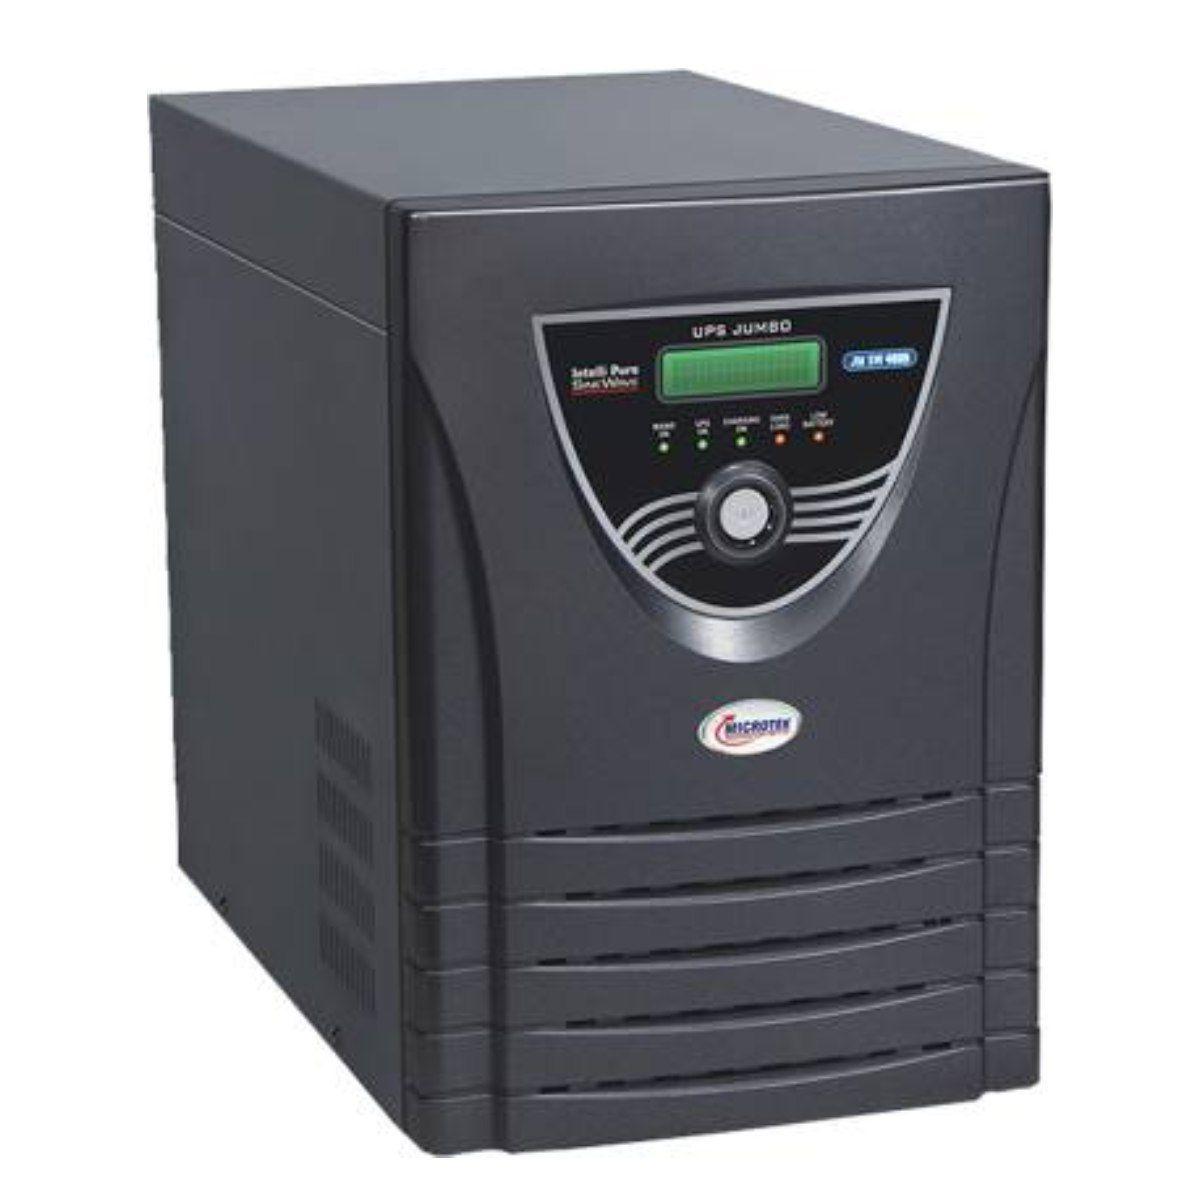 Microtek UPS JM SW 4000 Pure Sine Wave Inverter